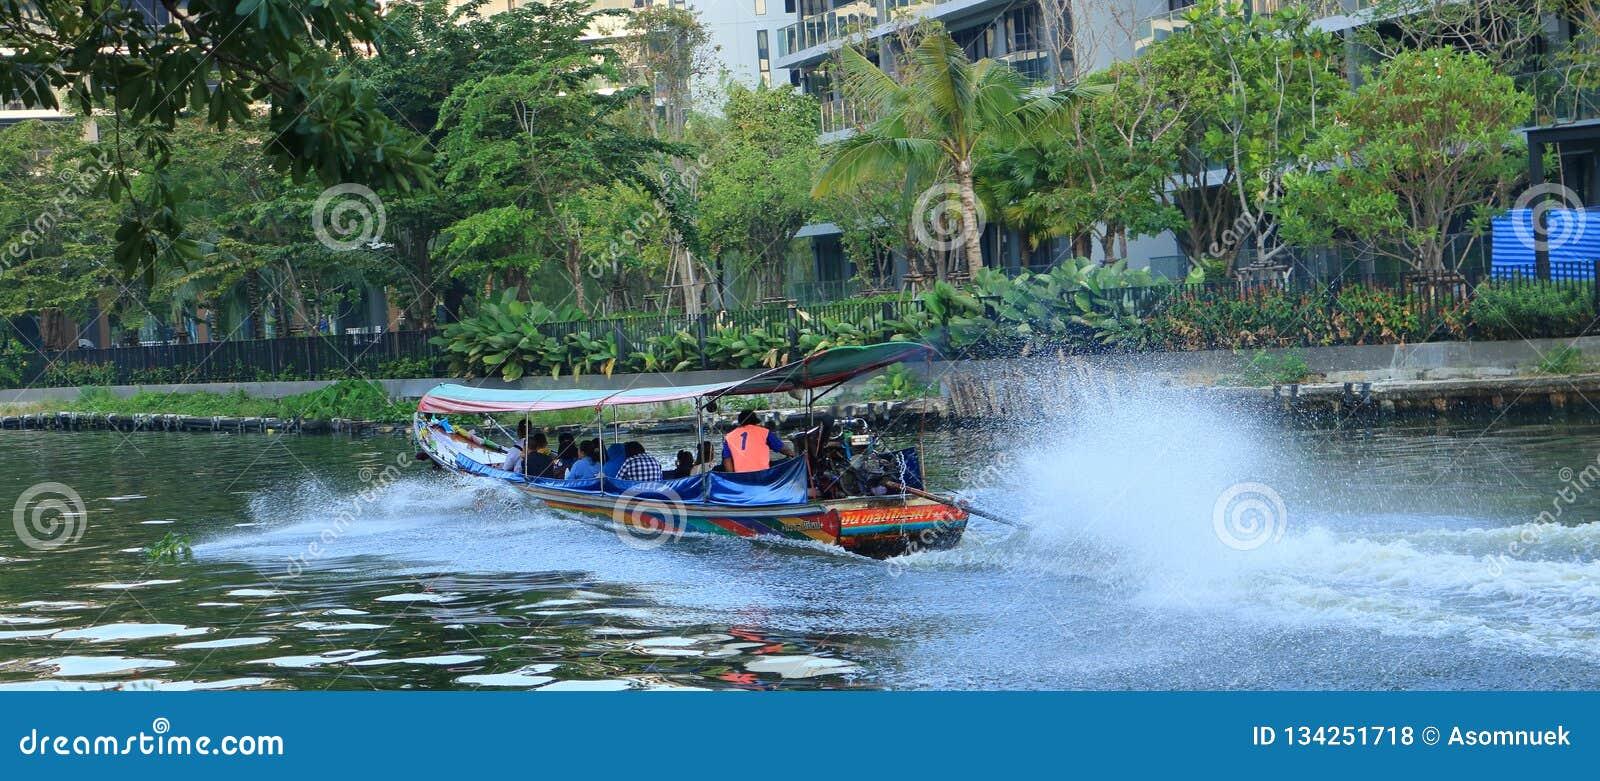 Os povos viajam pelo barco para evitar o trânsito intenso durante horas de ponta